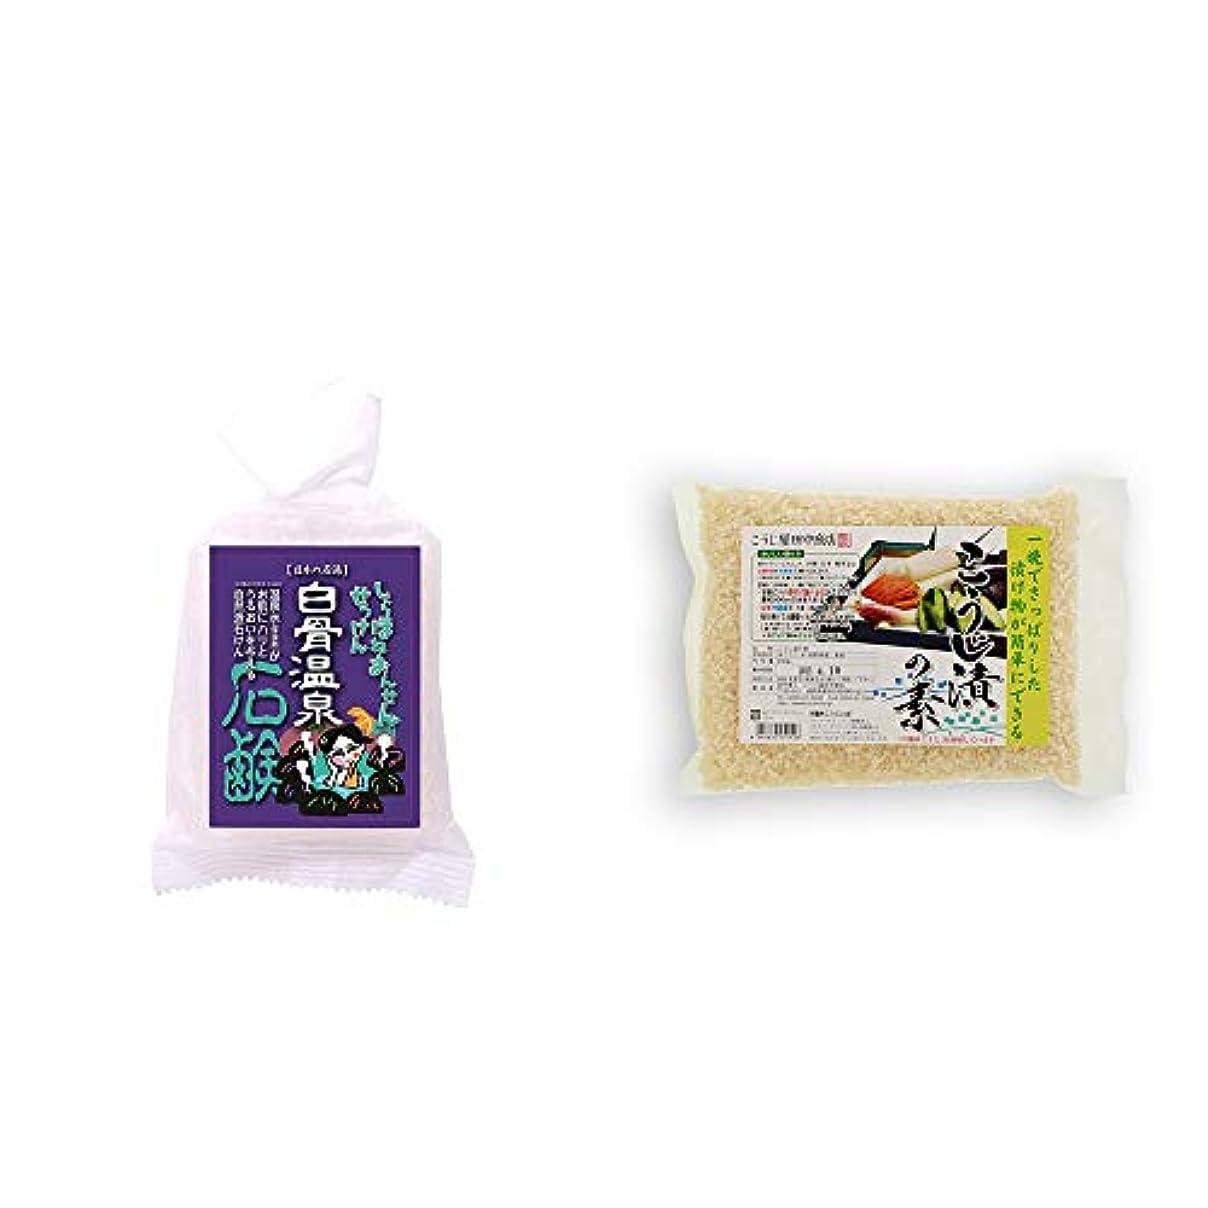 加入絶えずマトロン[2点セット] 信州 白骨温泉石鹸(80g)?こうじ屋田中商店 こうじ漬けの素(600g)